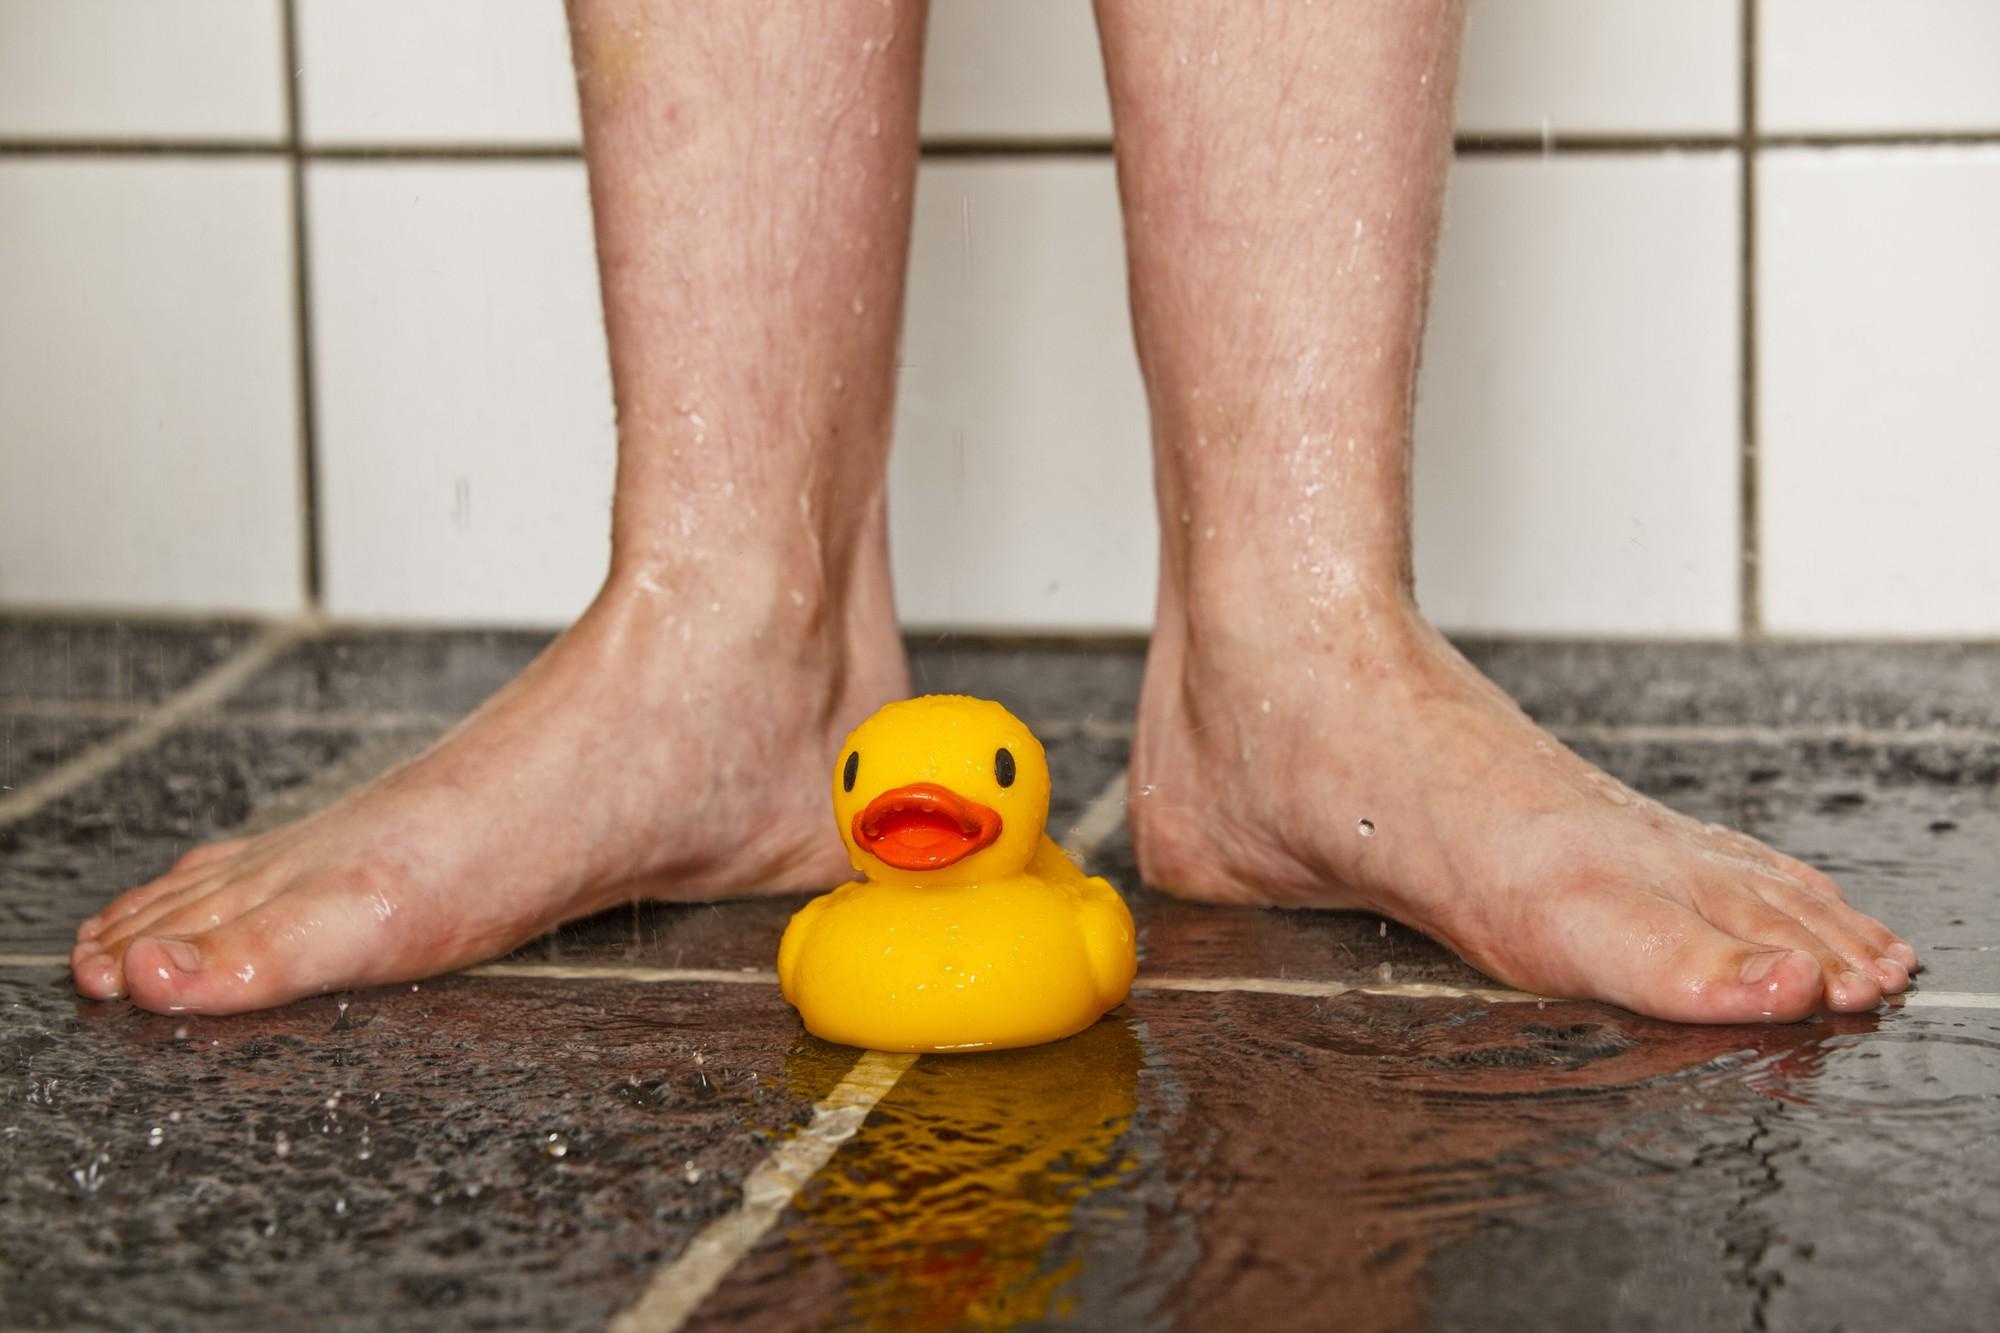 Chỉ cần ai cũng làm việc này khi đi tắm, Trái đất hoàn toàn có thể được cứu rỗi - Ảnh 3.